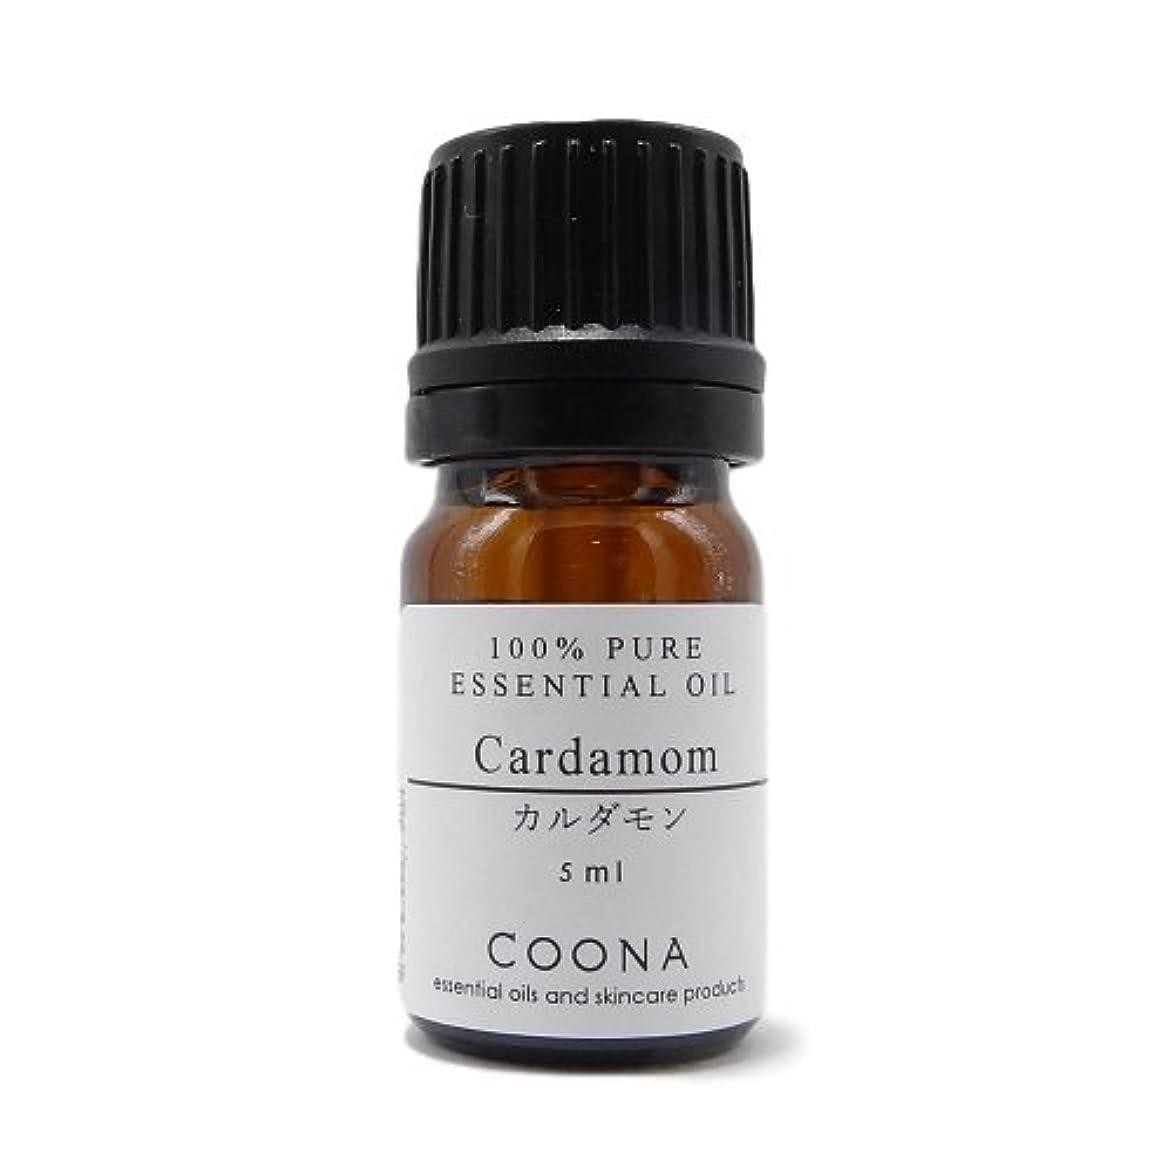 習慣急流ボーダーカルダモン 5 ml (COONA エッセンシャルオイル アロマオイル 100%天然植物精油)